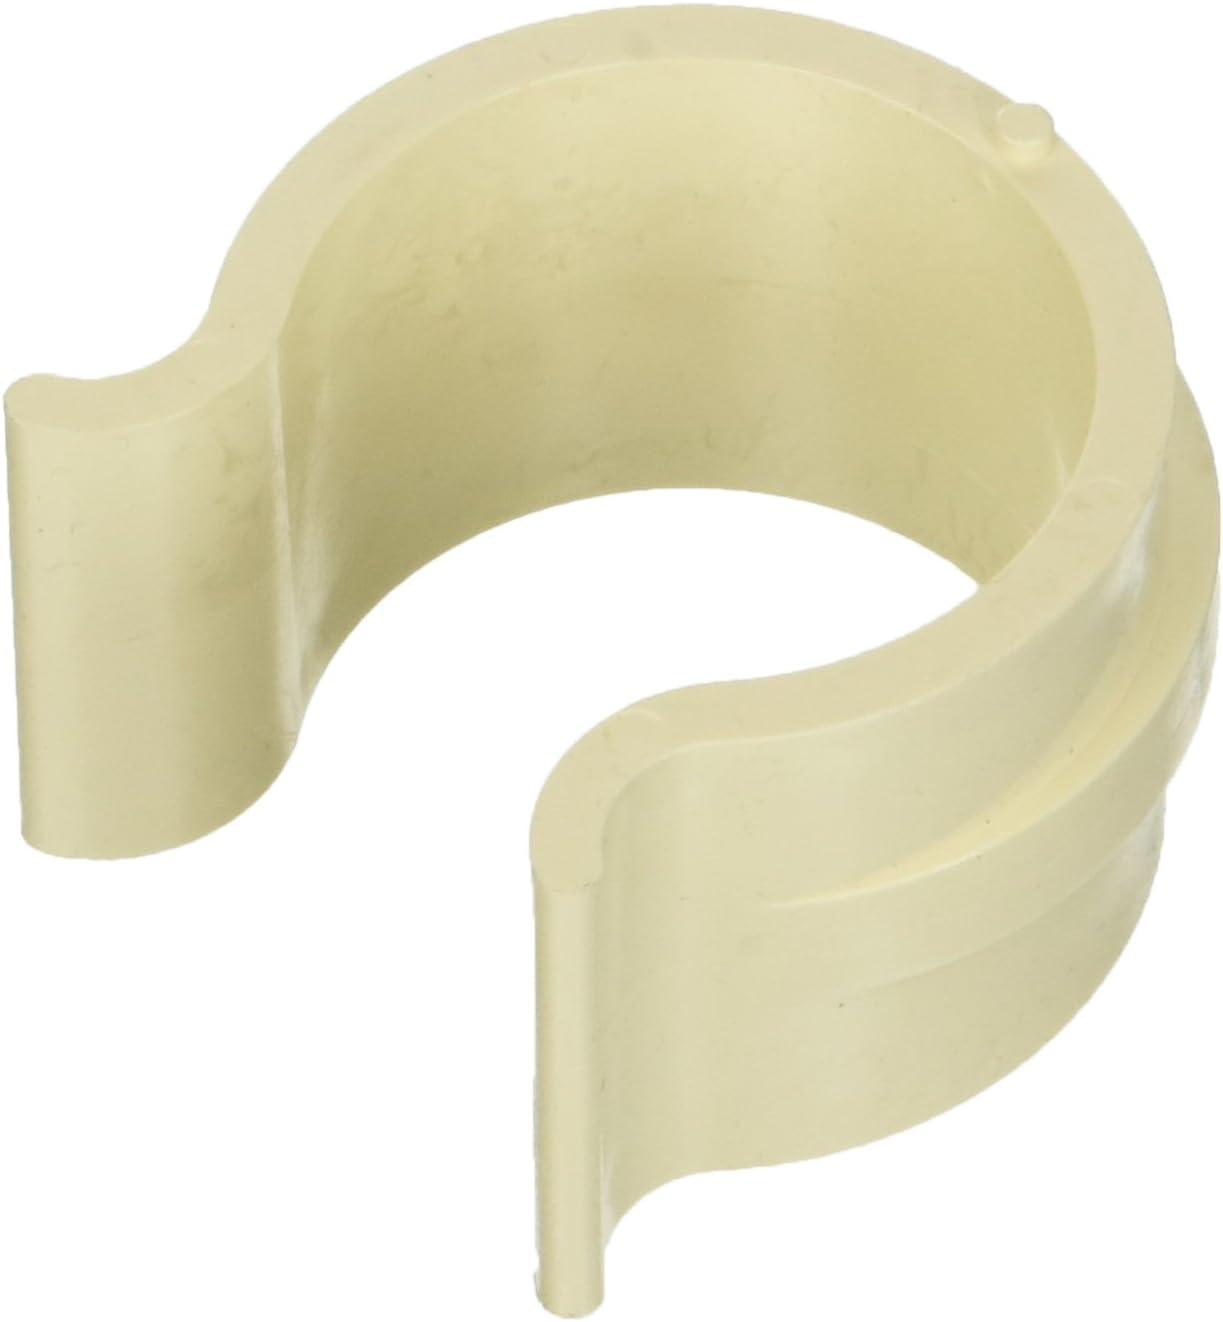 maniver arc120Clips de platstica fermatelo para invernaderos, 40mm, 10Unidades, Blanco